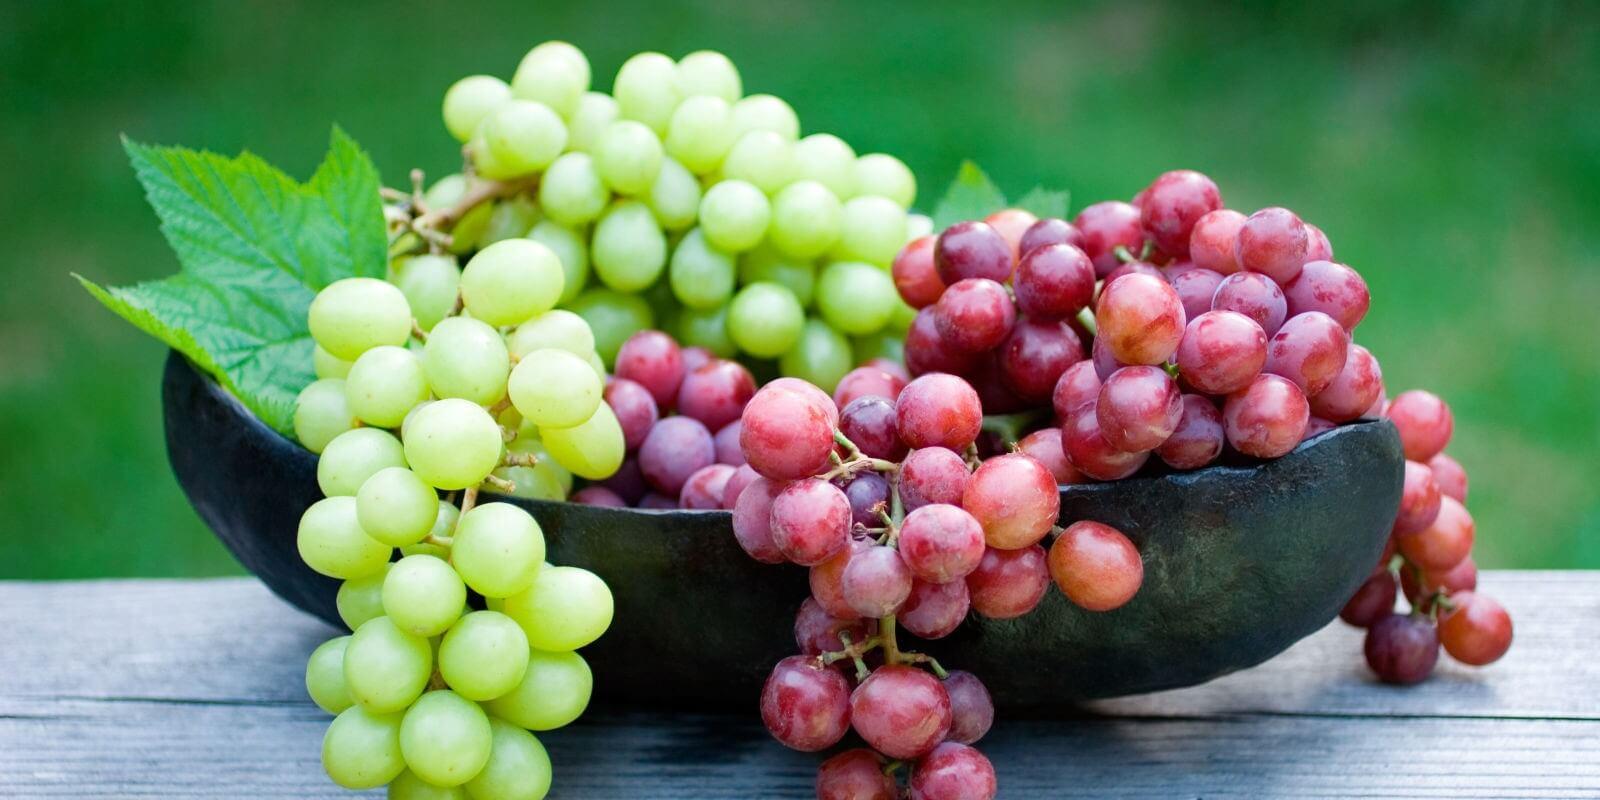 sonhar com uva